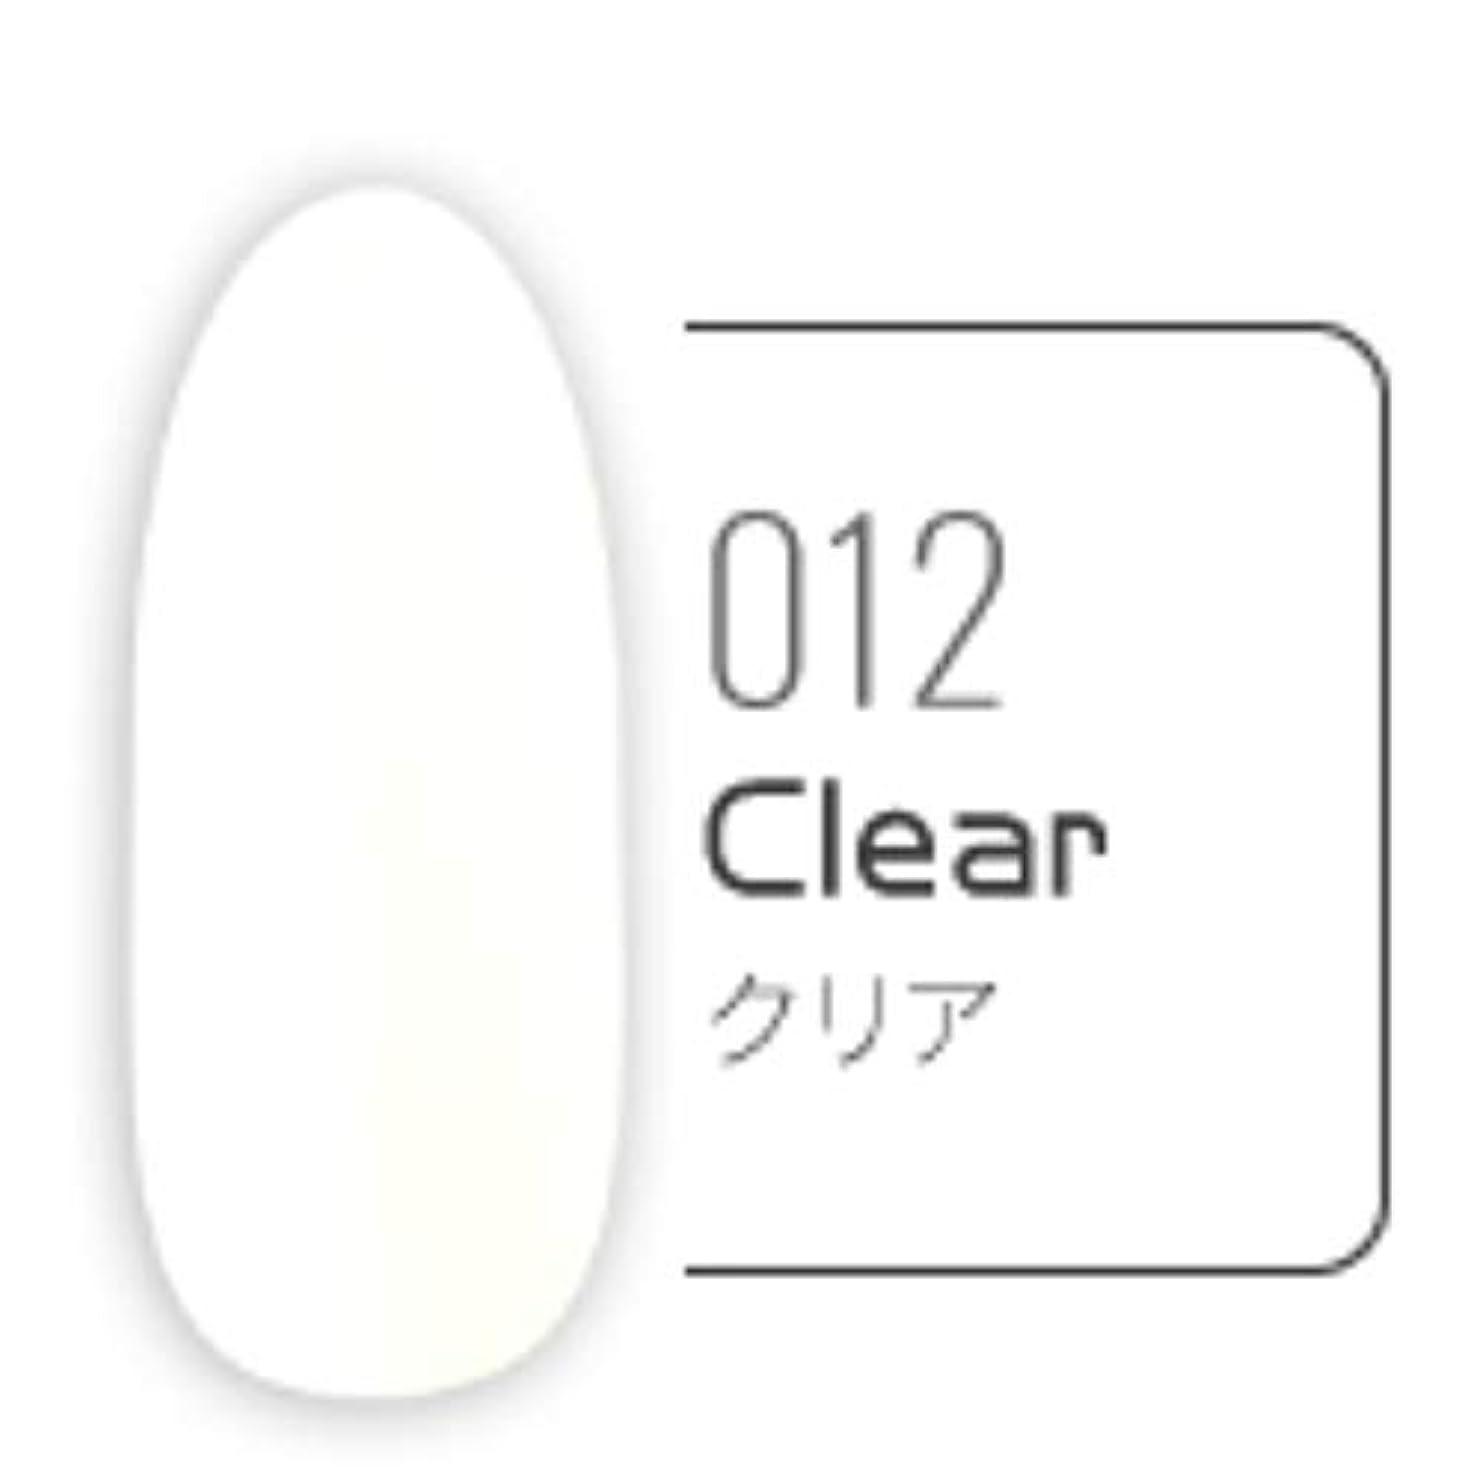 膨らみ遺伝的ピンク【ポリッシュカラージェルプレゼント付き】送料無料 ネイル マーブルリキッド カラーインク 10ml【全12色】 (Clear)